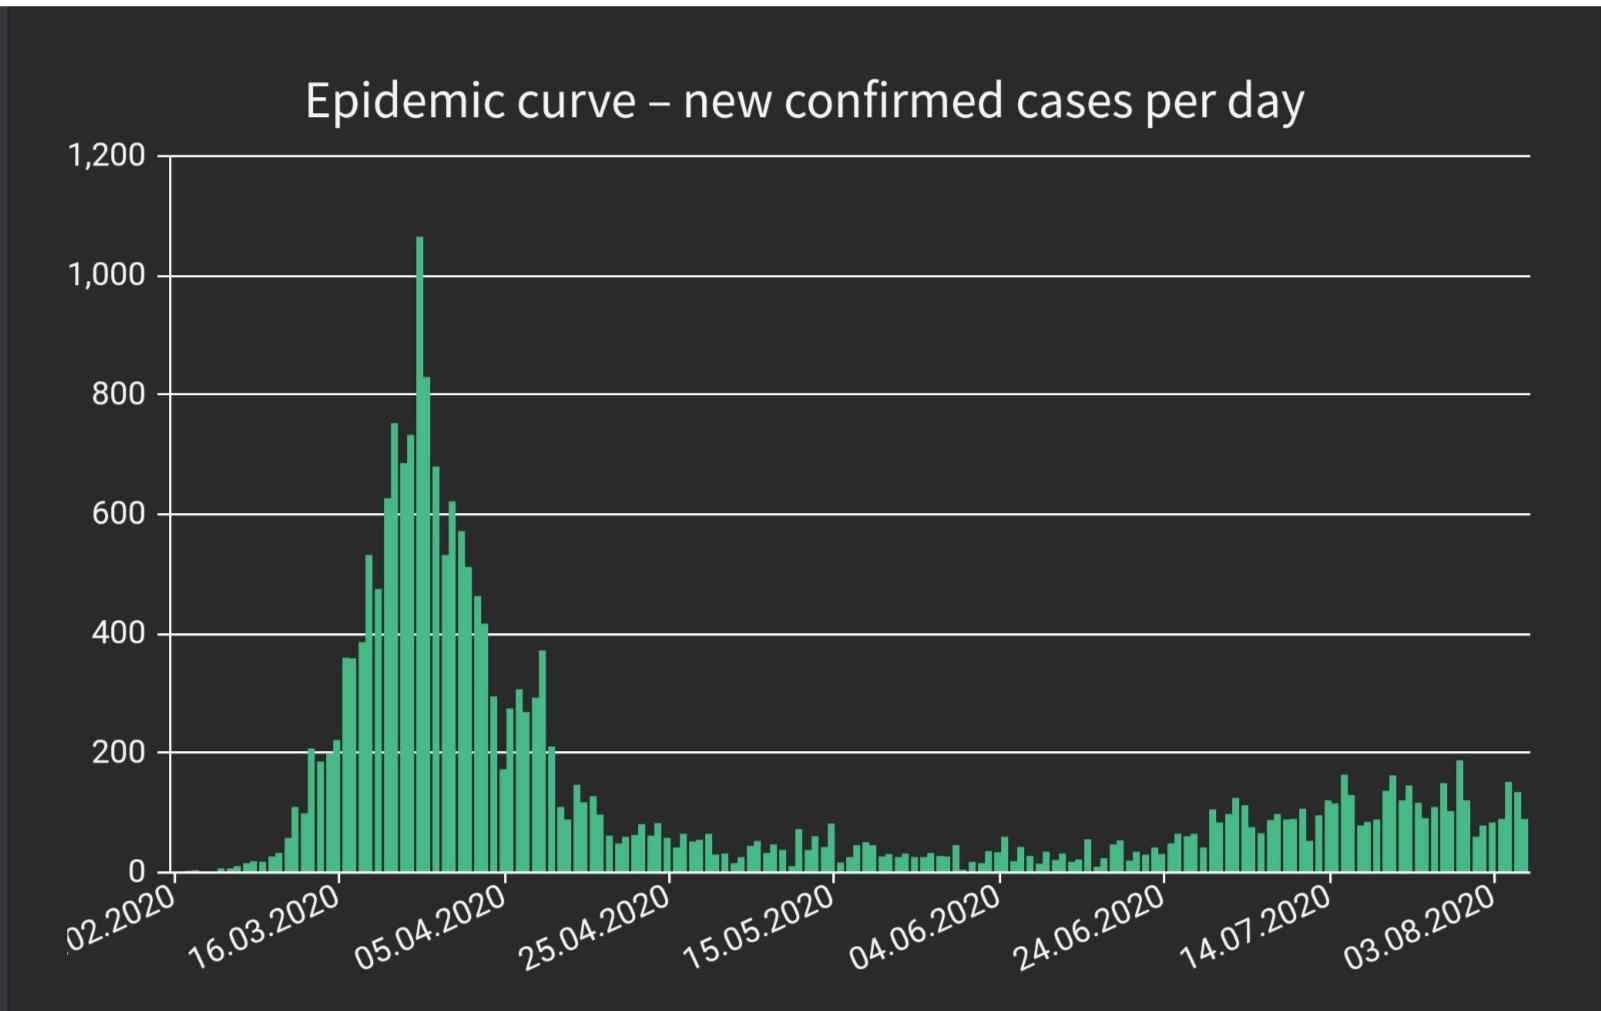 奥地利新增90例新冠肺炎确诊病例 累计确诊21921例